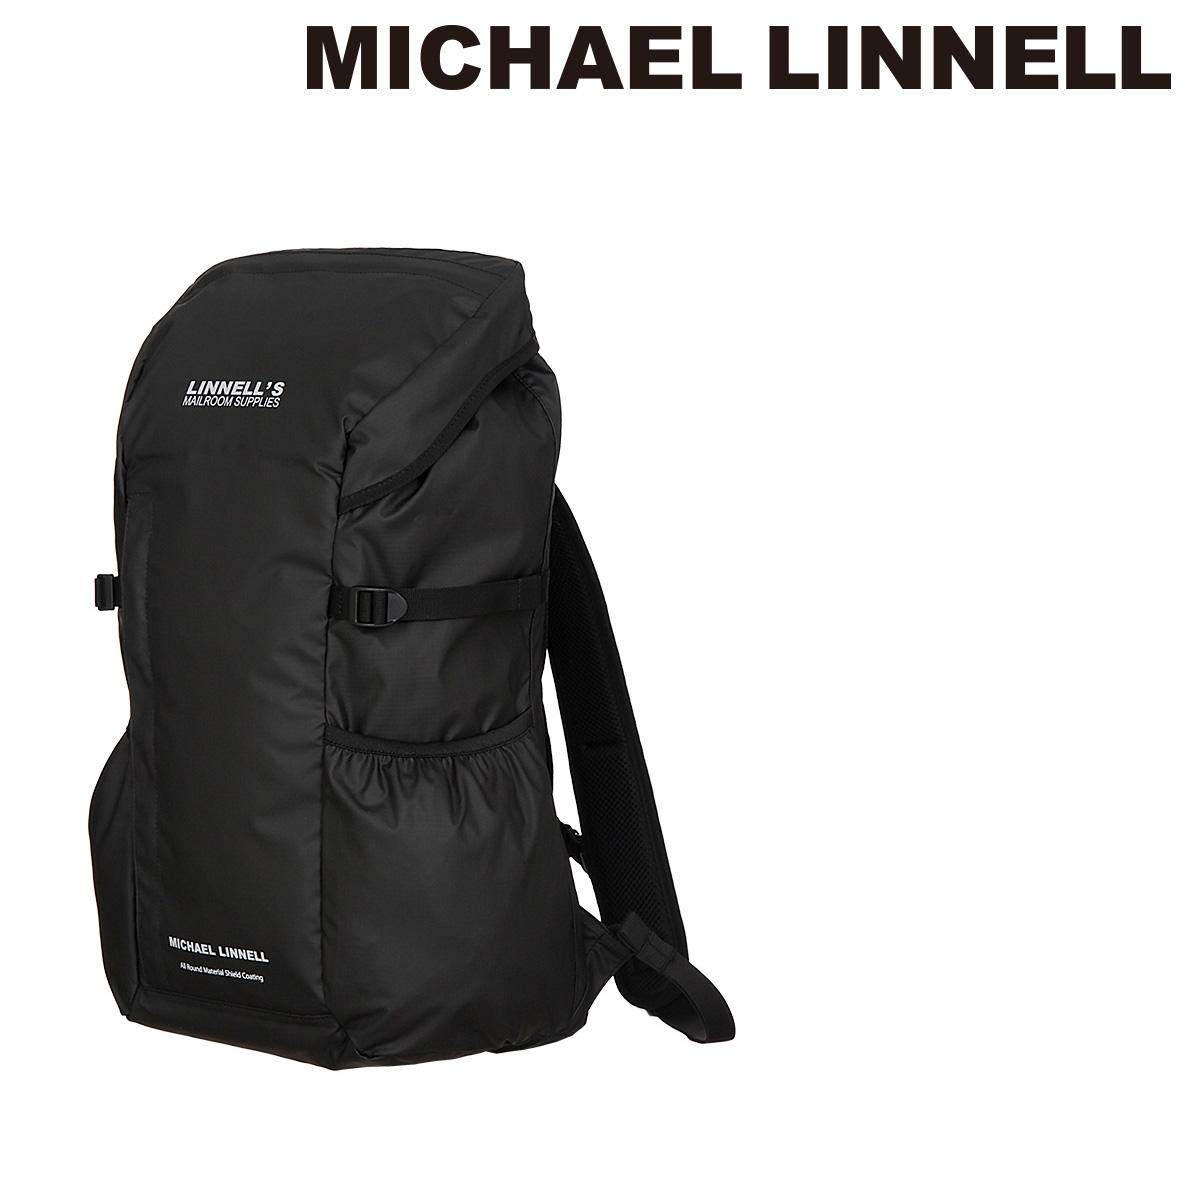 マイケルリンネル リュック MLAC-02 MICHAEL LINNELL ショルダーバッグ コーデュラナイロン リフレクター 撥水 軽量 メンズ【PO10】【bef】